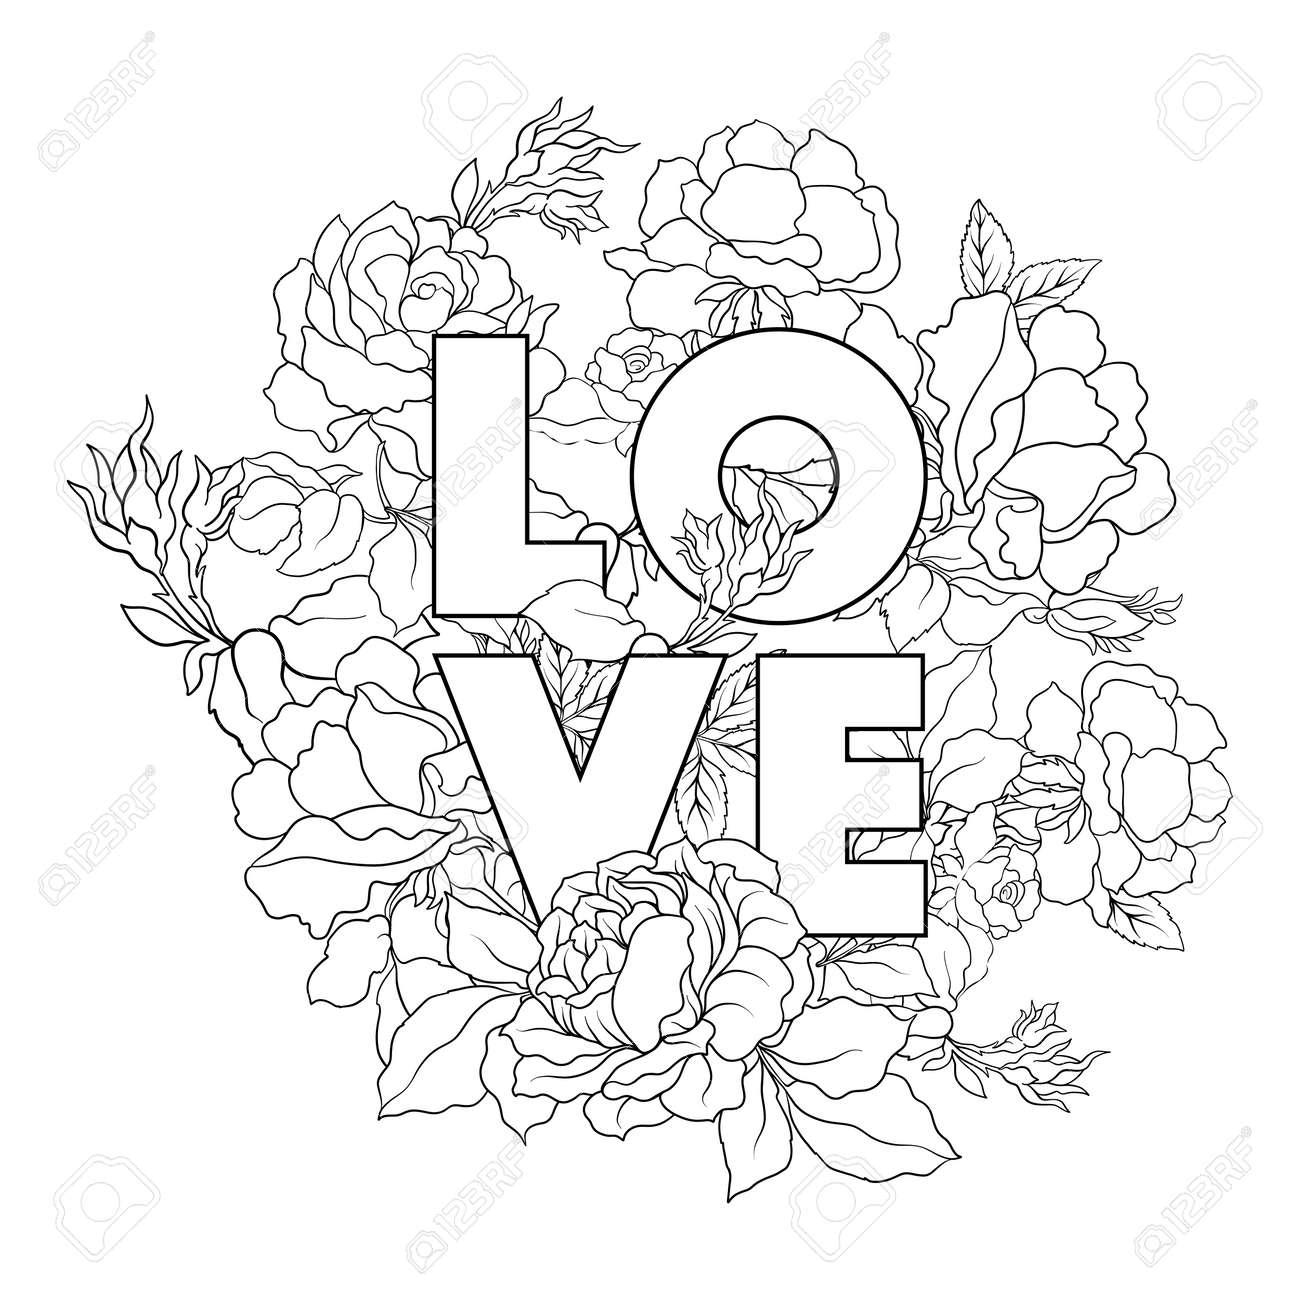 kleurplaten volwassenen liefde